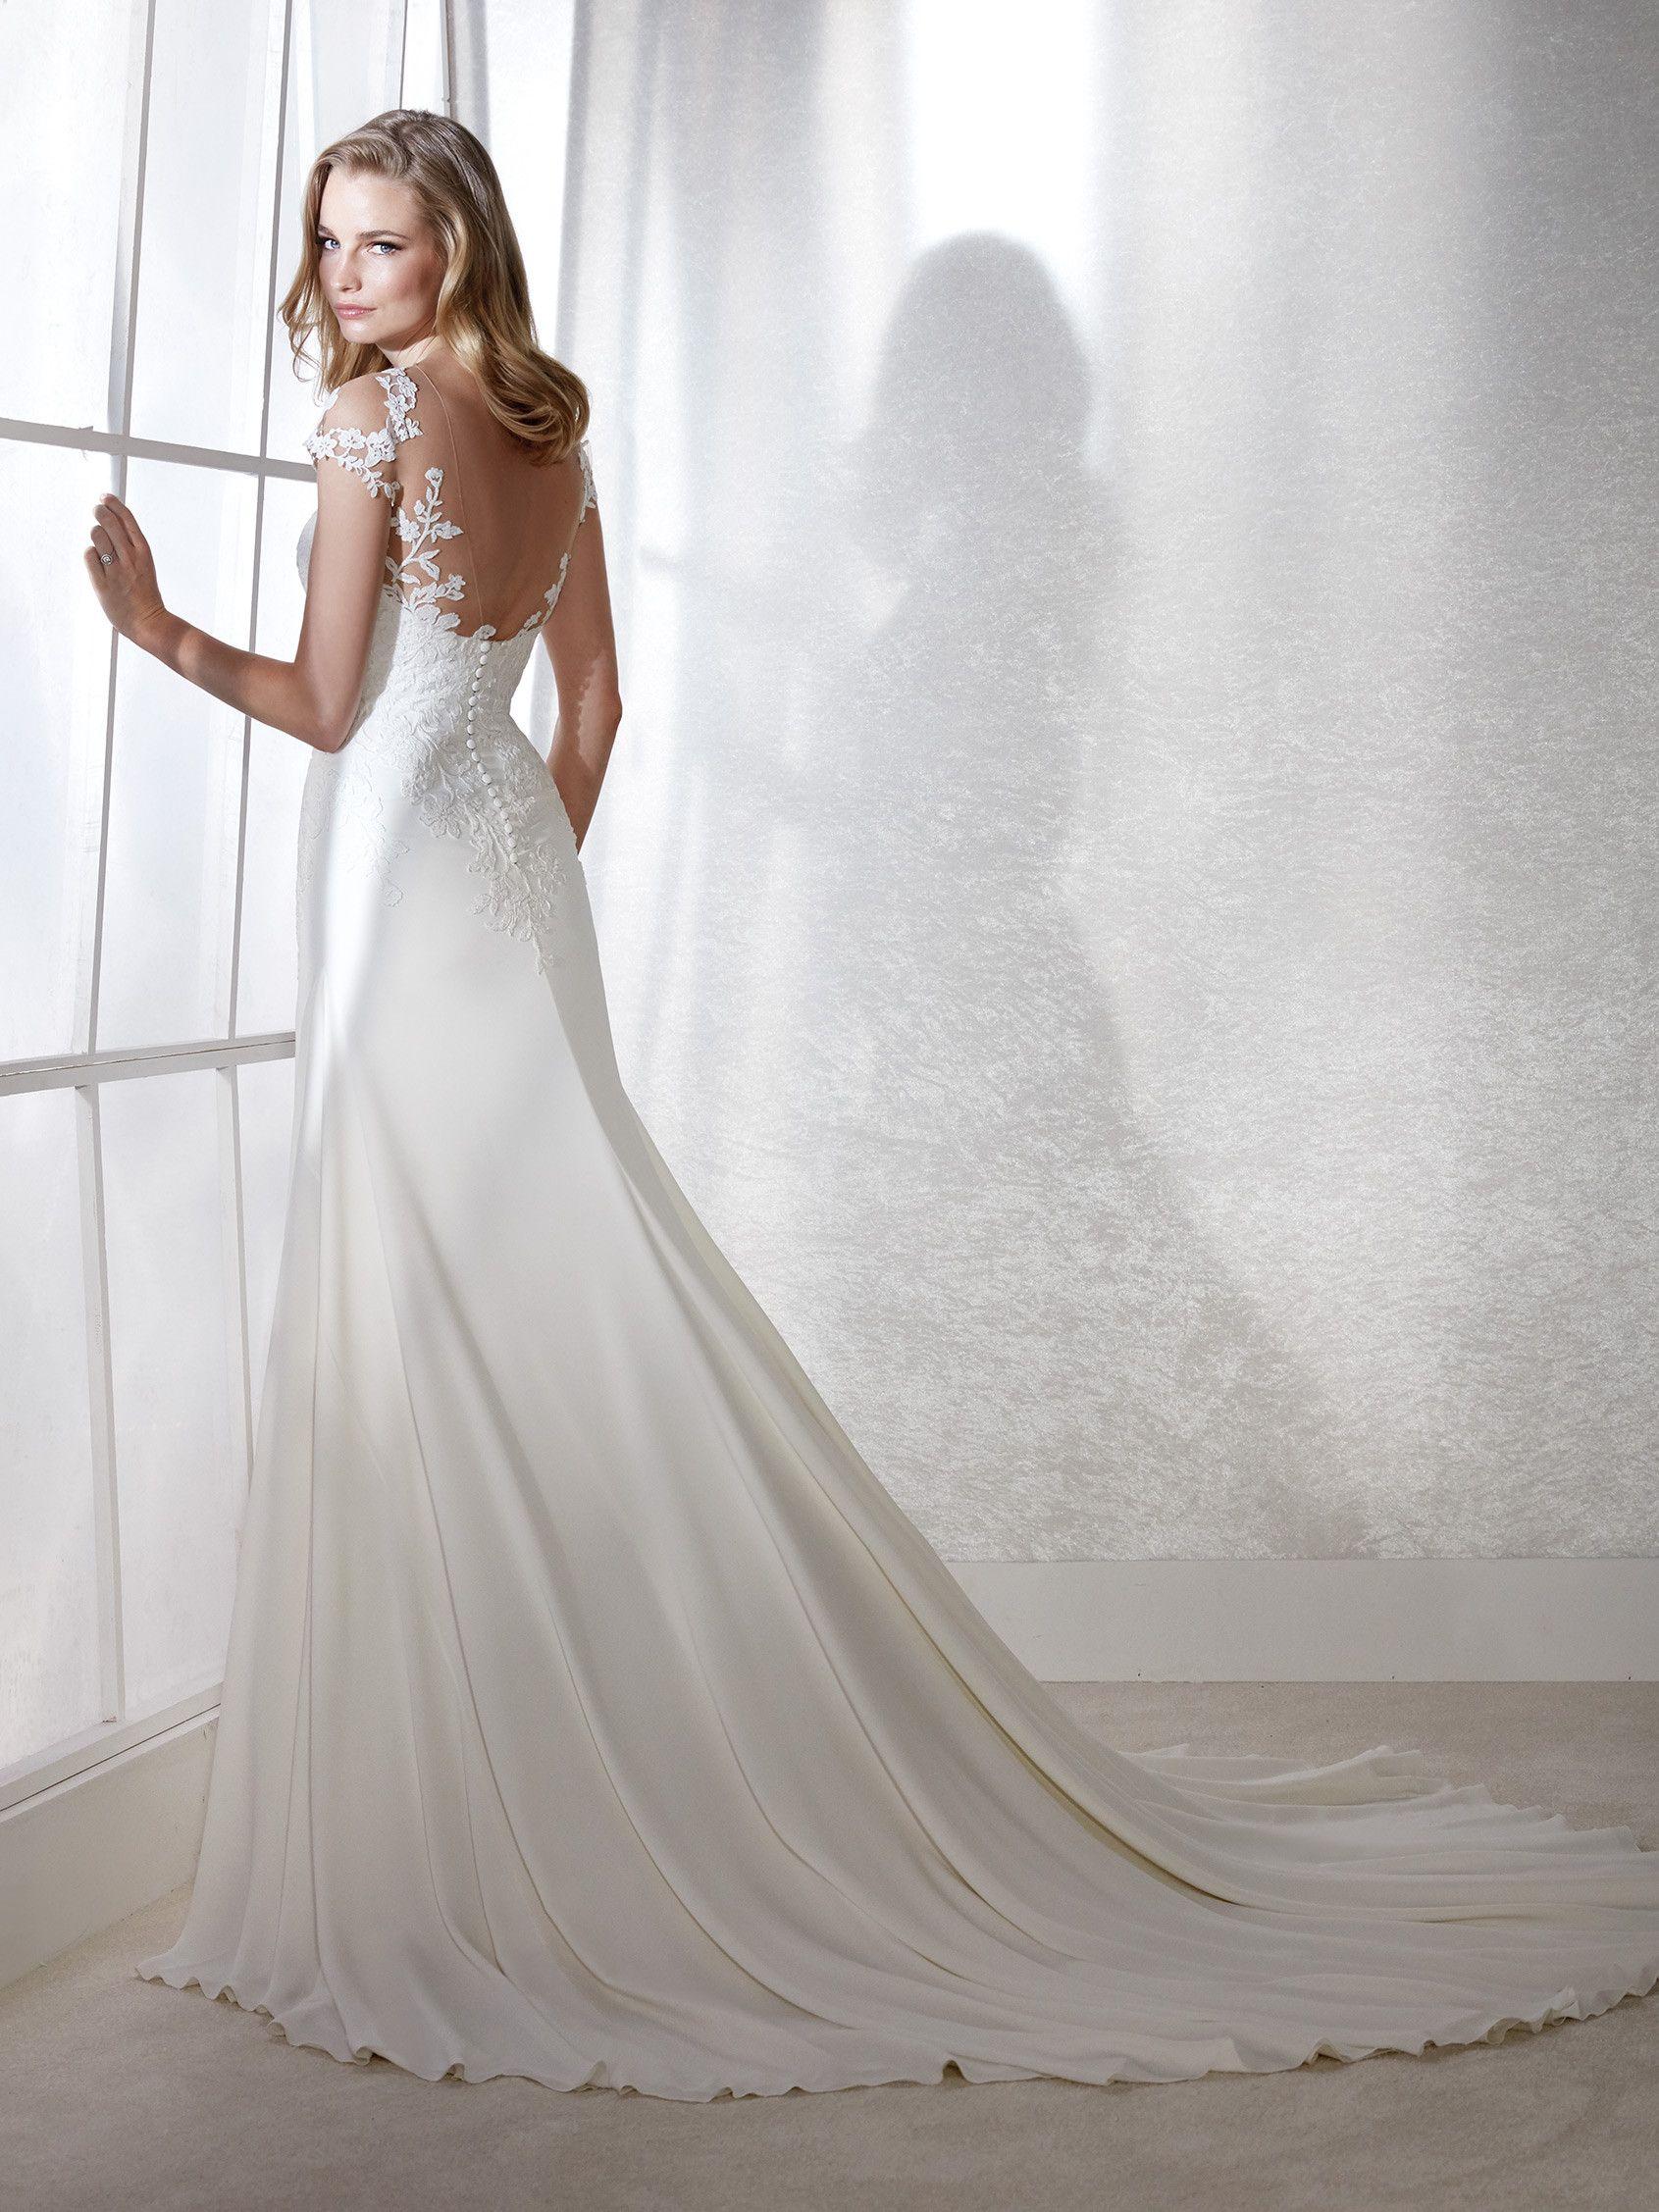 590a9e2716 FINLANDIA illusions Wedding Dress Trends